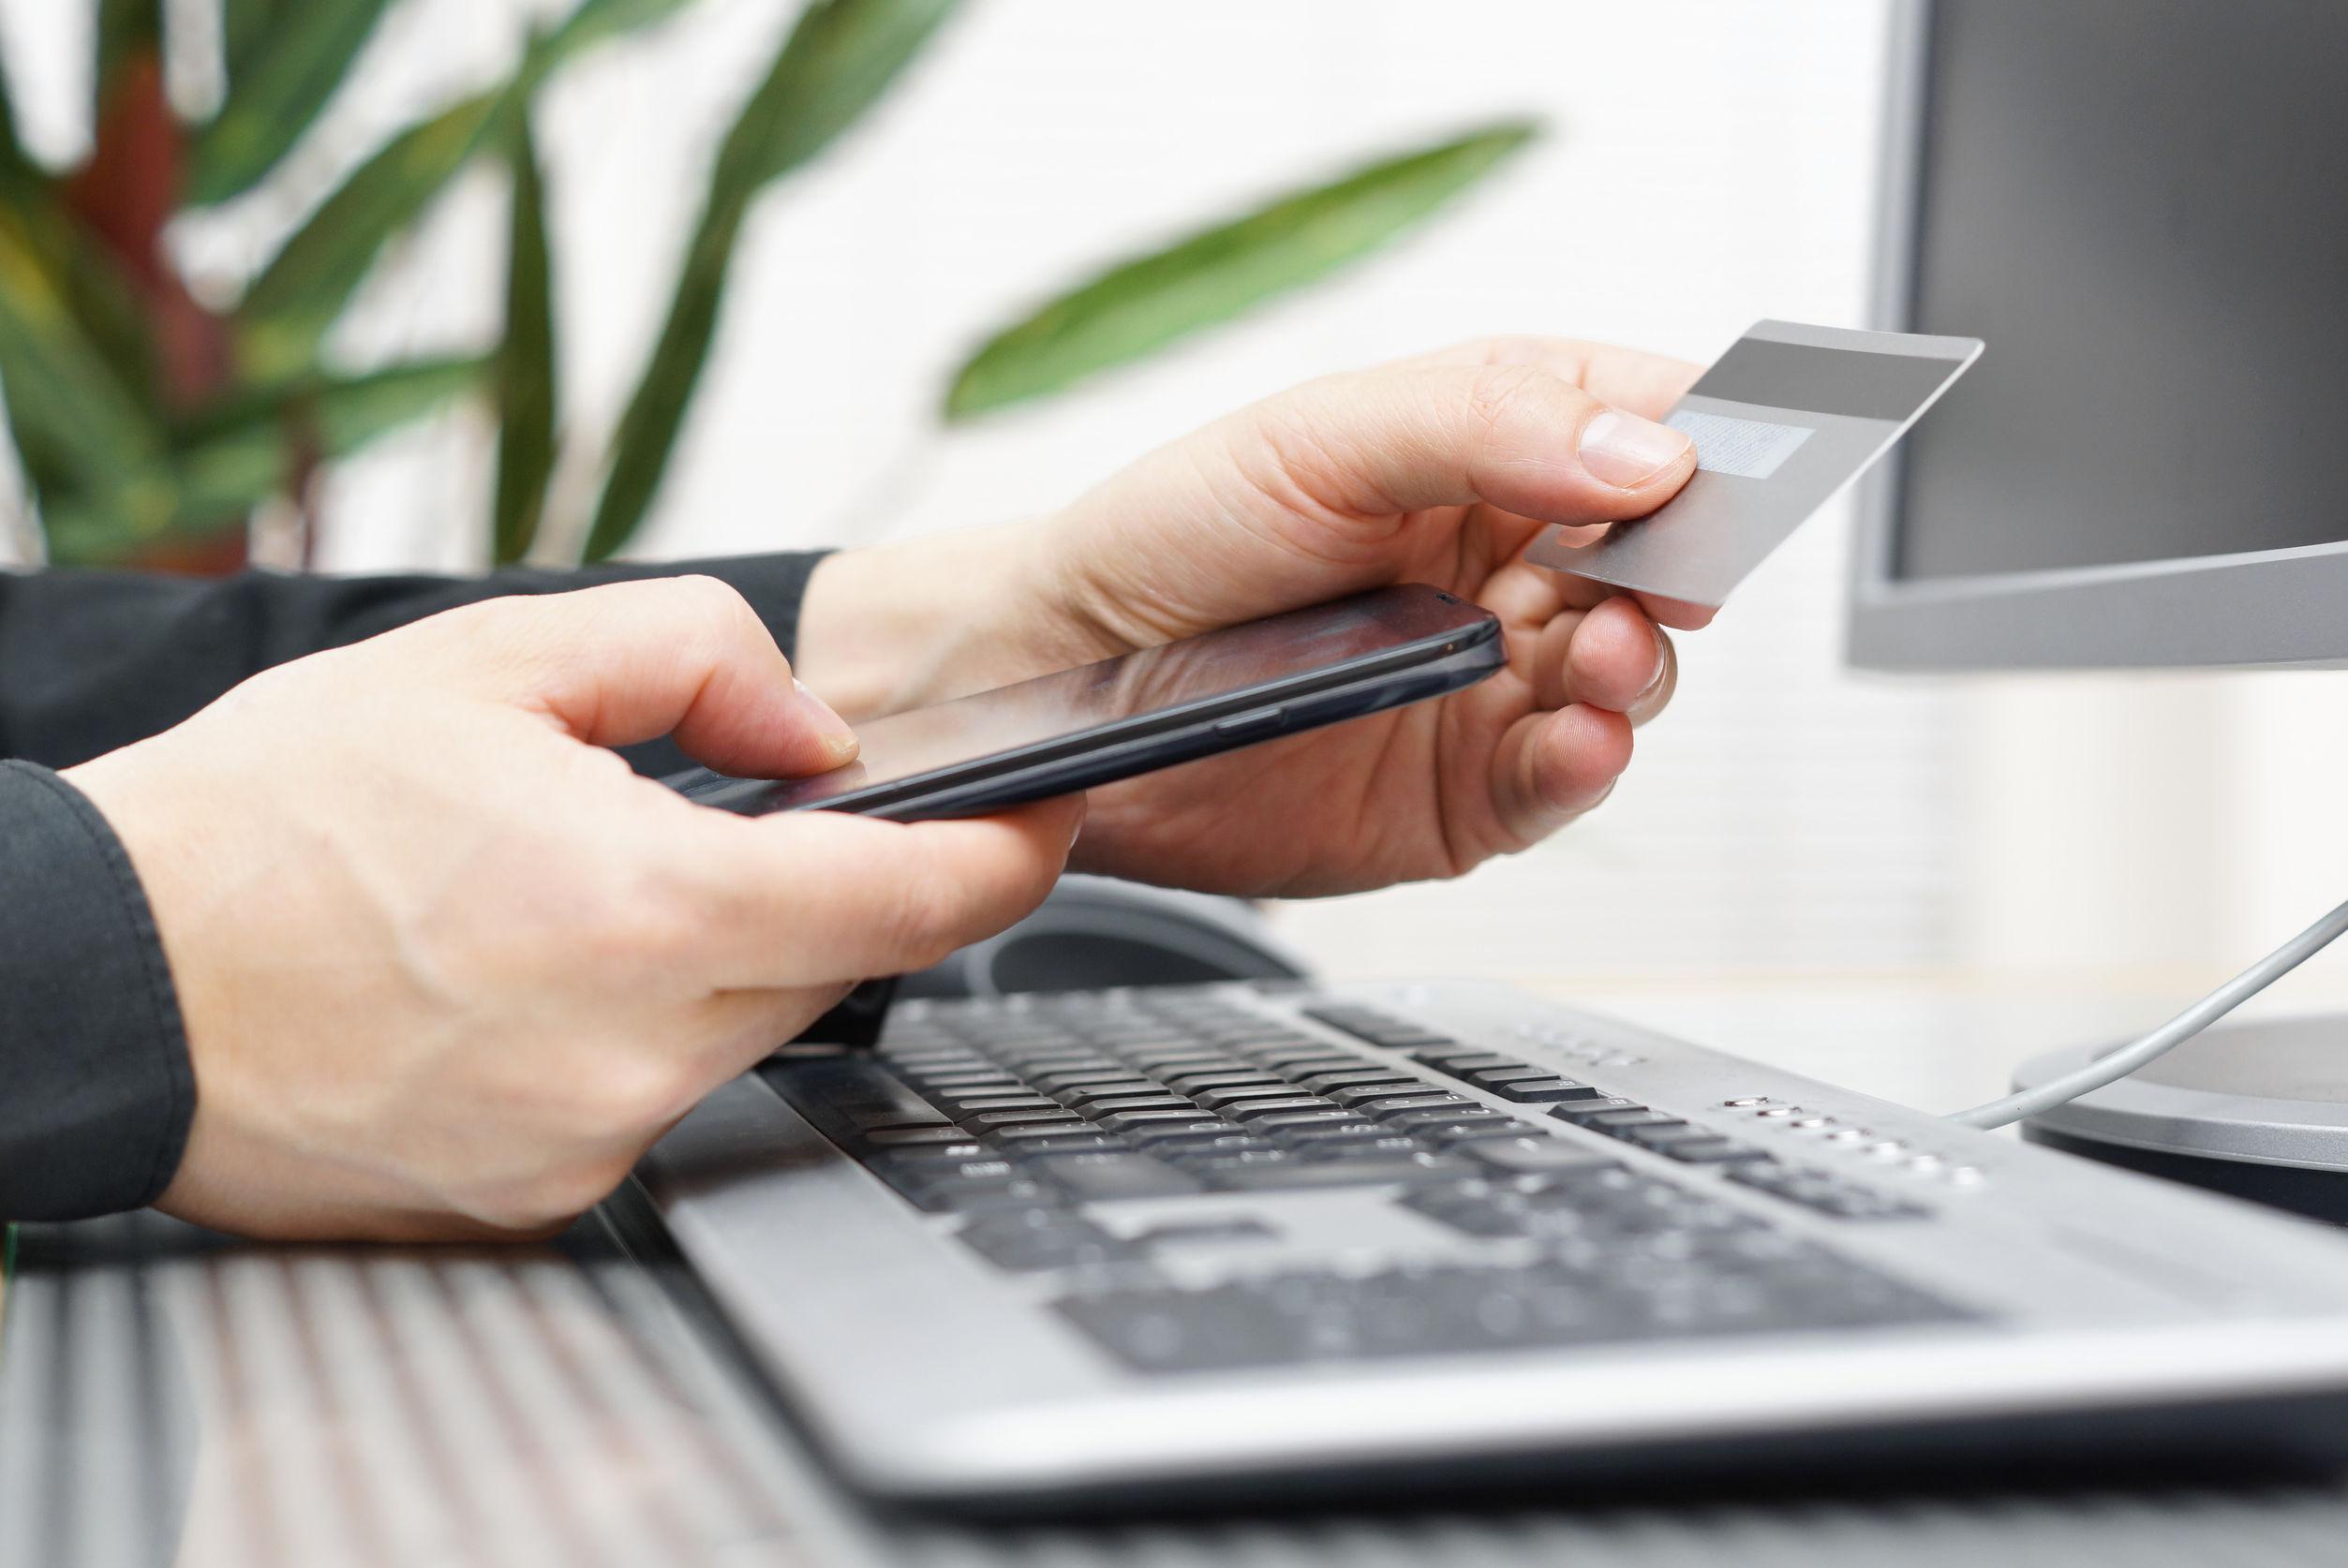 Pahami Cara Cek Saldo Kartu Kredit Mega Ini, Agar Tagihan Lancar Terkendali